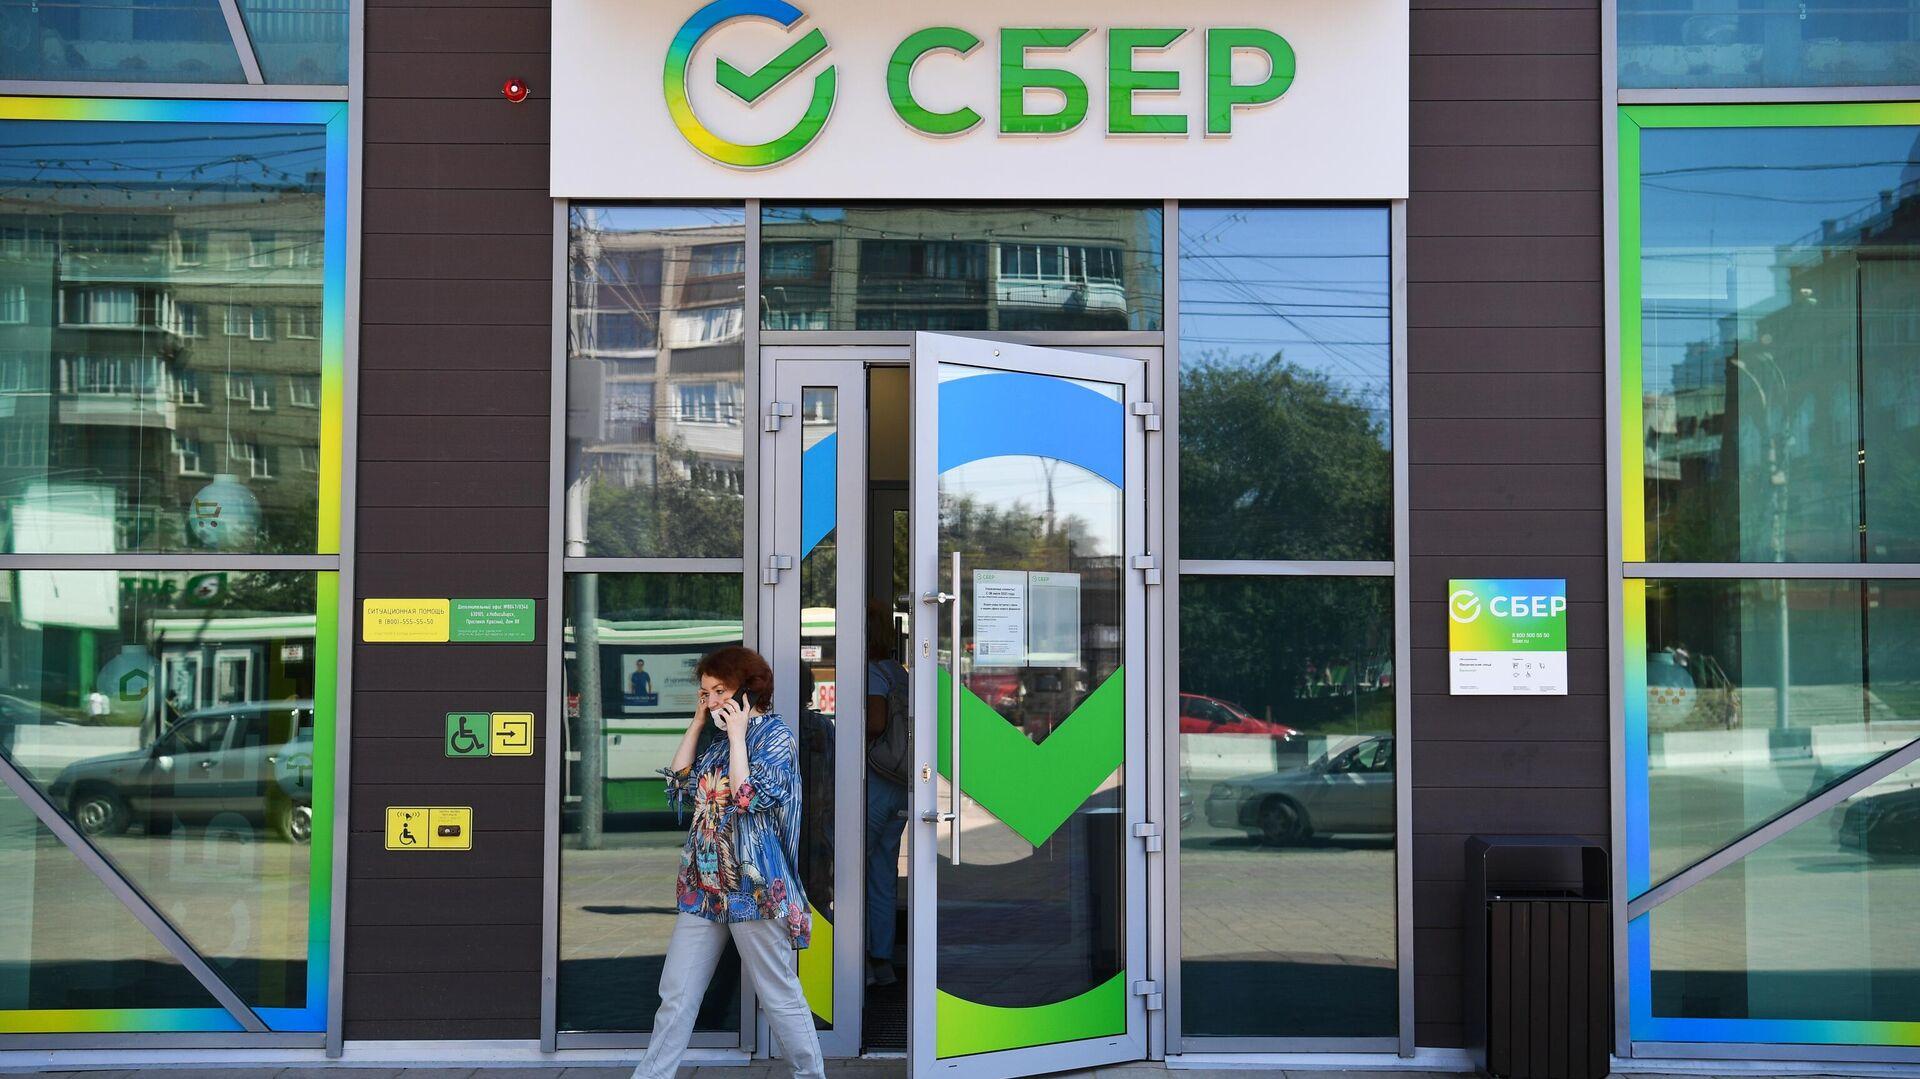 Вход в офис Сбербанка нового формата, открывшегося на Красном проспекте в Новосибирске - РИА Новости, 1920, 20.09.2021